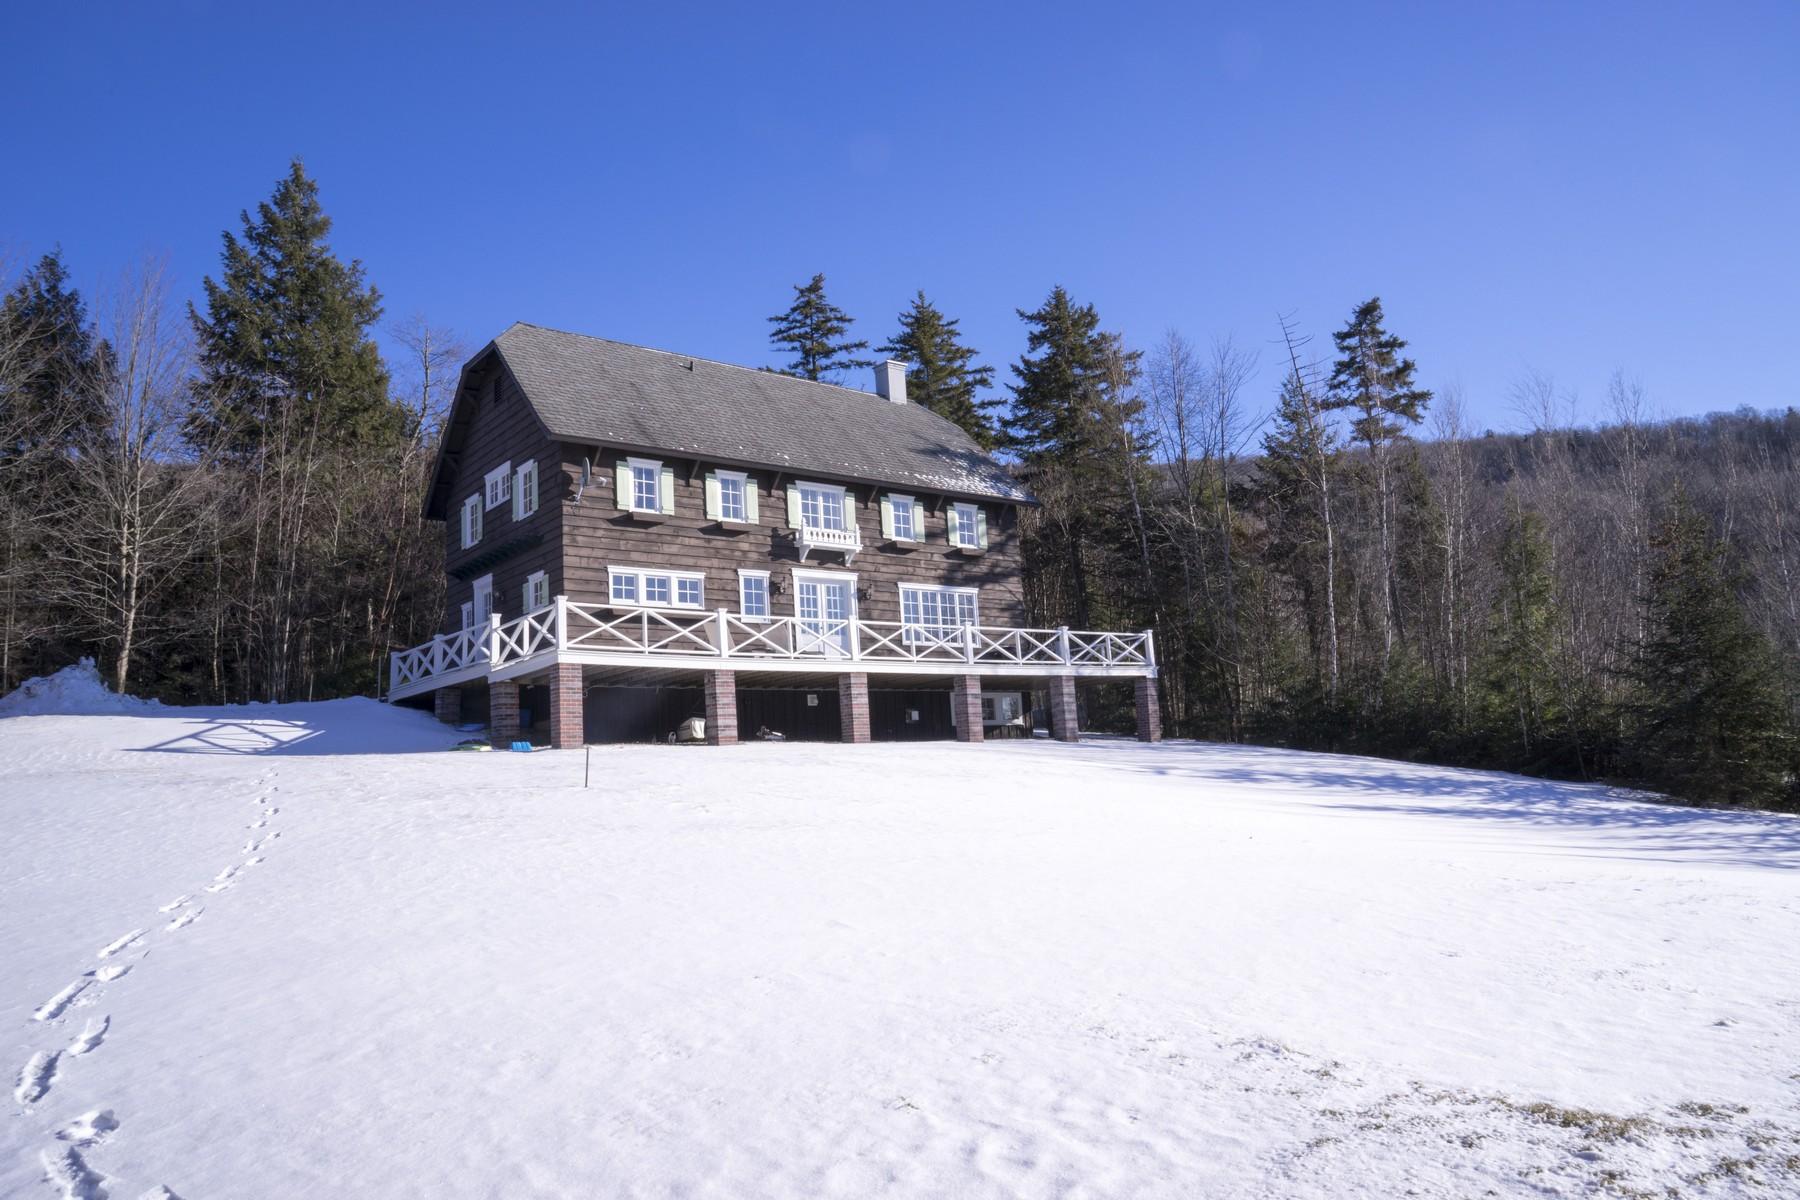 Частный односемейный дом для того Продажа на 199 Sterling View Annex, Elmore 199 Sterling View Anx Elmore, Вермонт, 05661 Соединенные Штаты